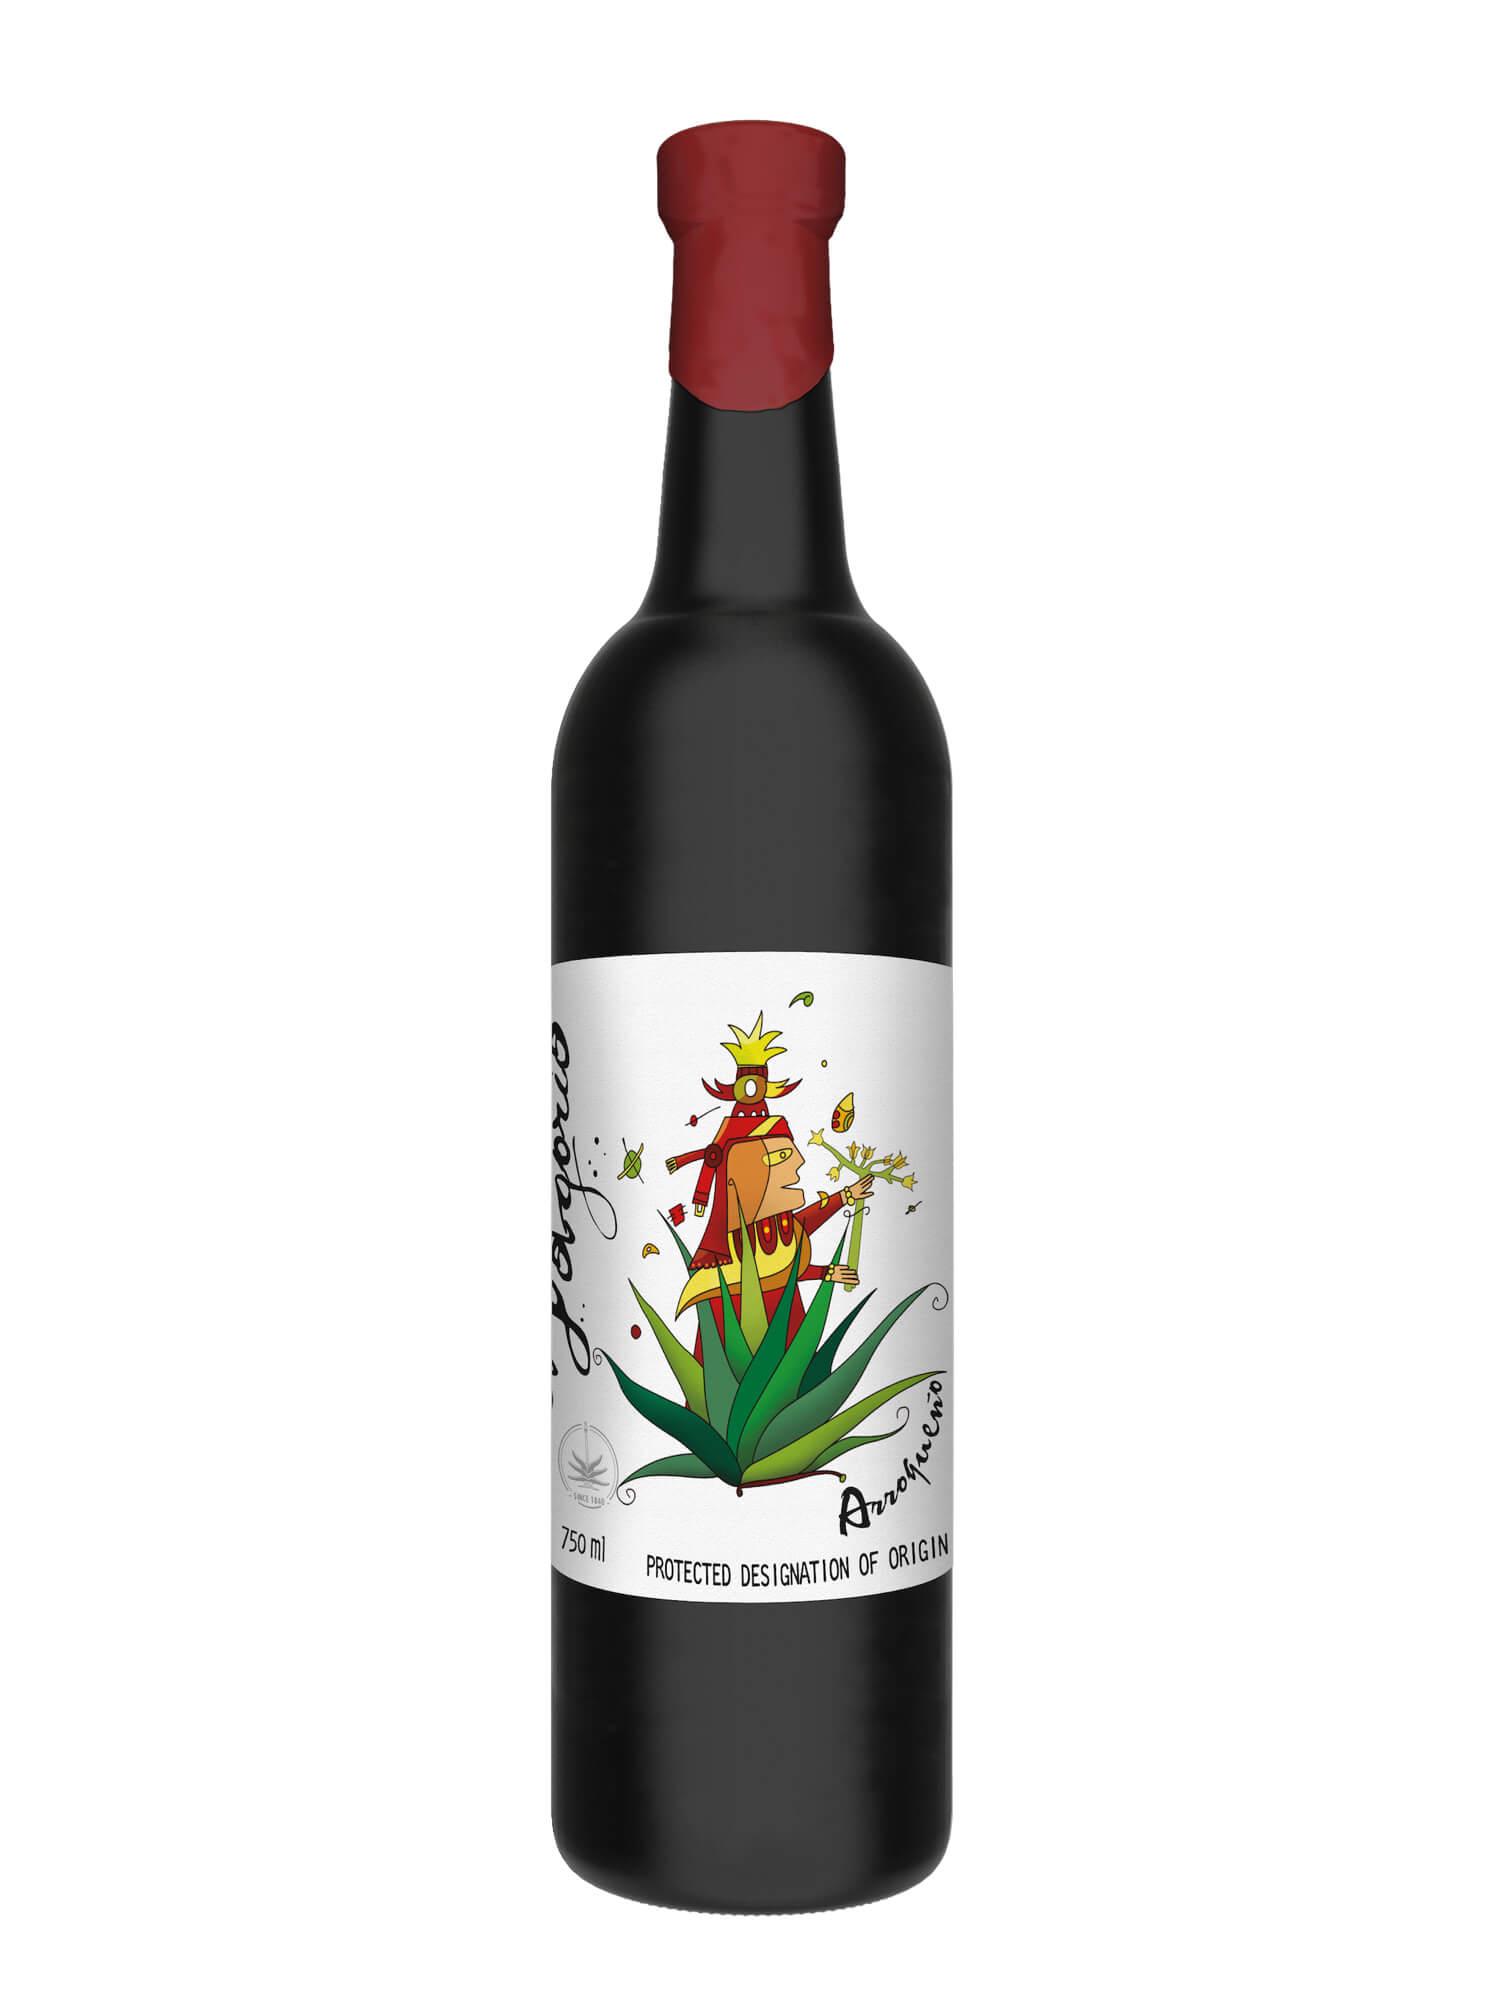 El Jolgorio Arroqueno Mezcal bottle